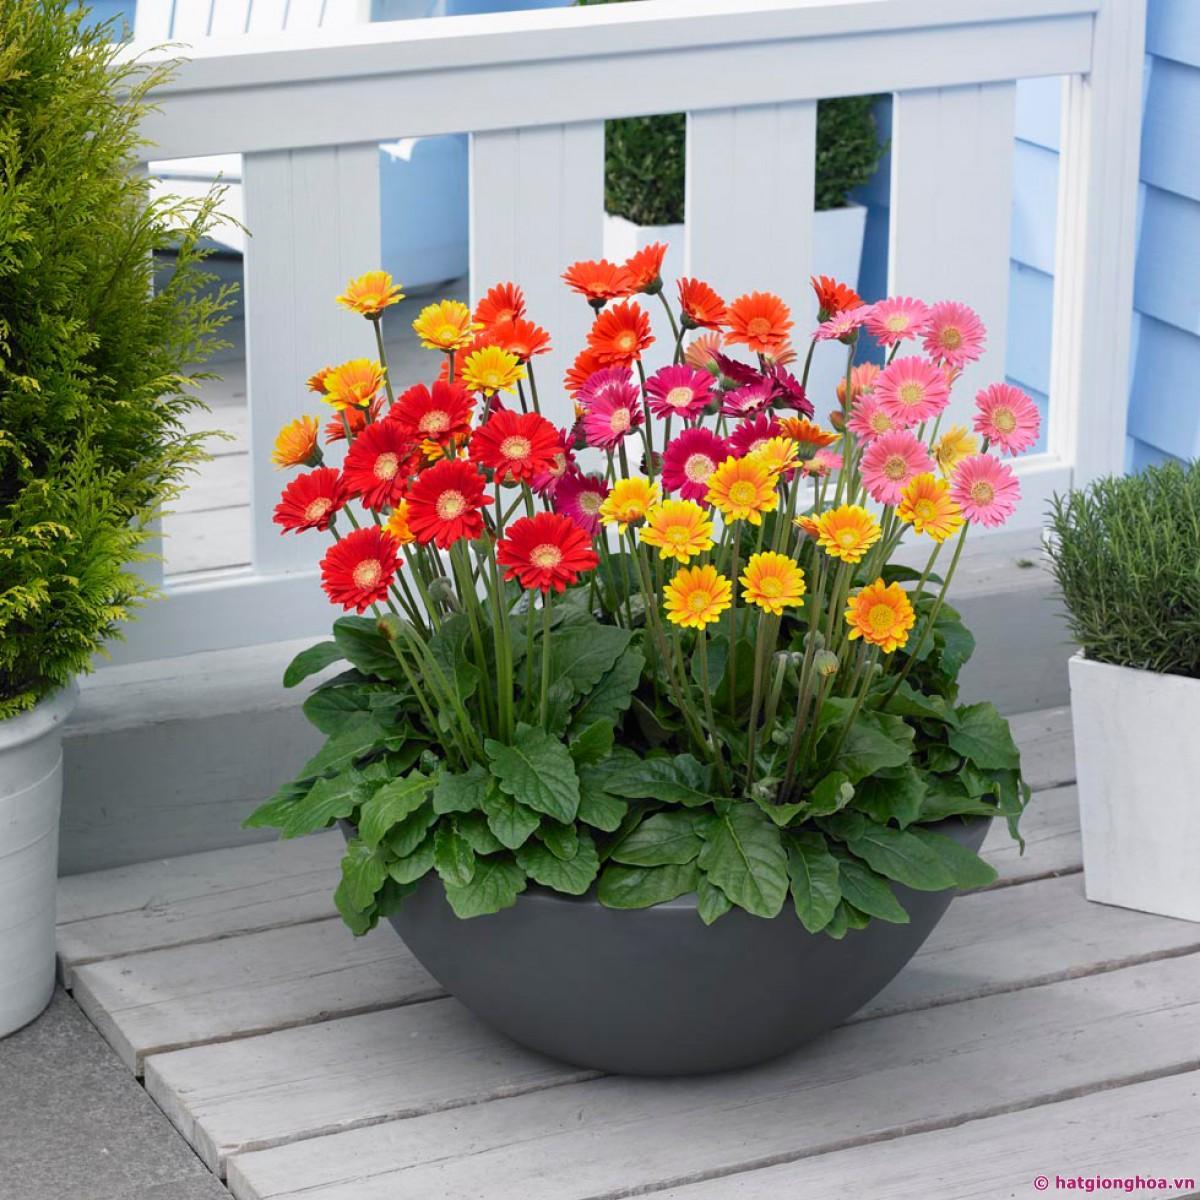 Hình ảnh Hạt giống hoa cúc đồng tiền mix